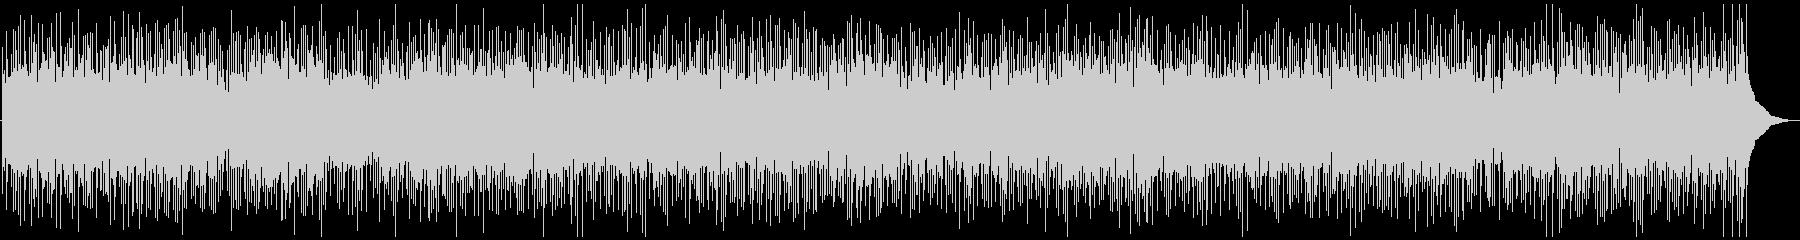 昔懐かしいような優しいフォーク調BGMの未再生の波形